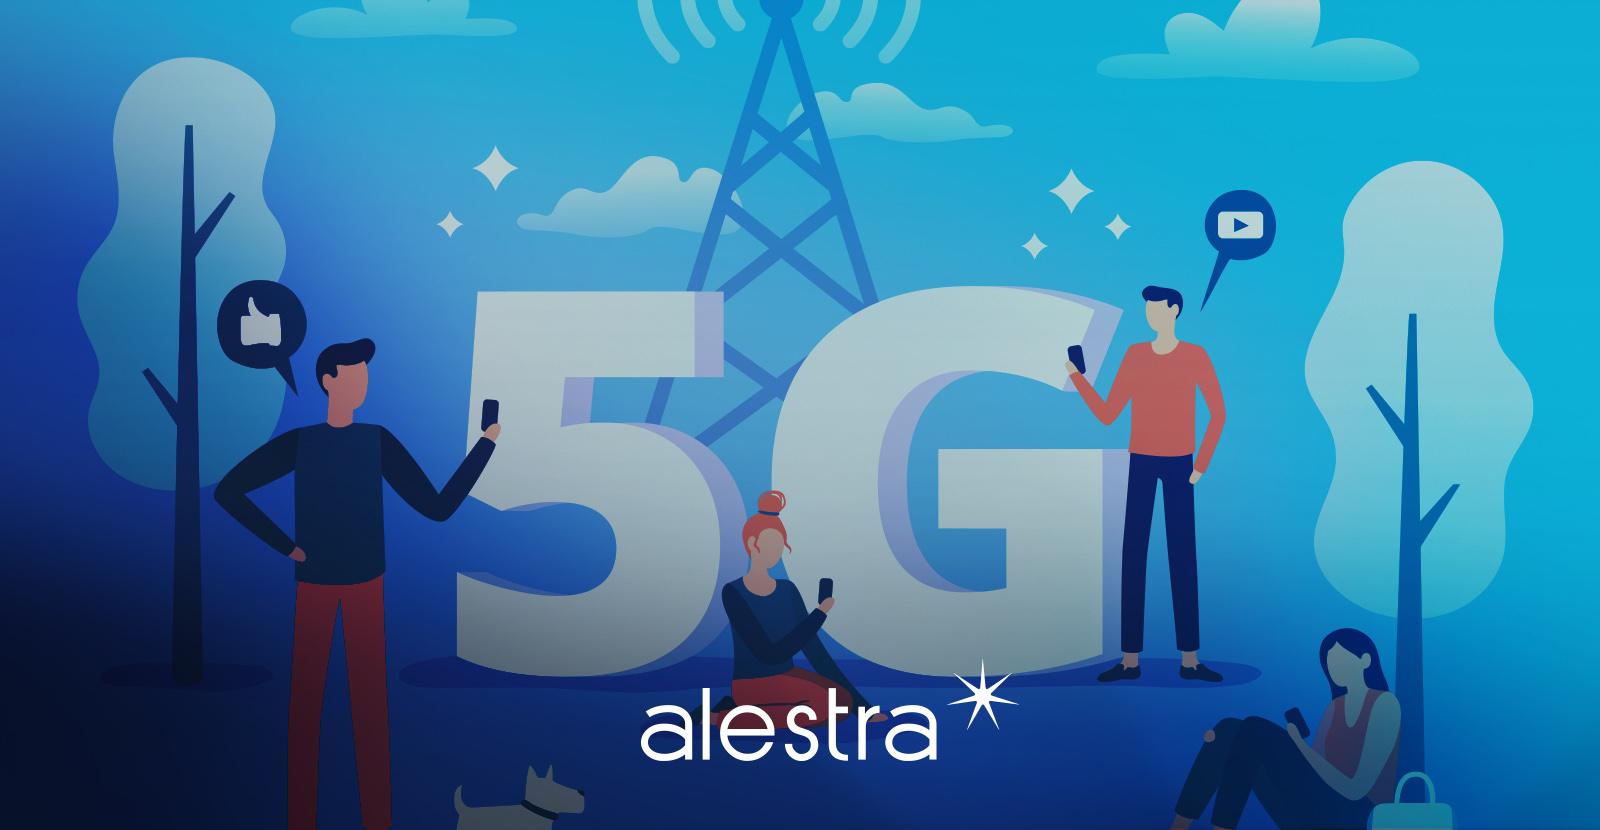 La gran cantidad de dispositivos que se podrán conectar a la red 5G creará una base de usuarios enorme